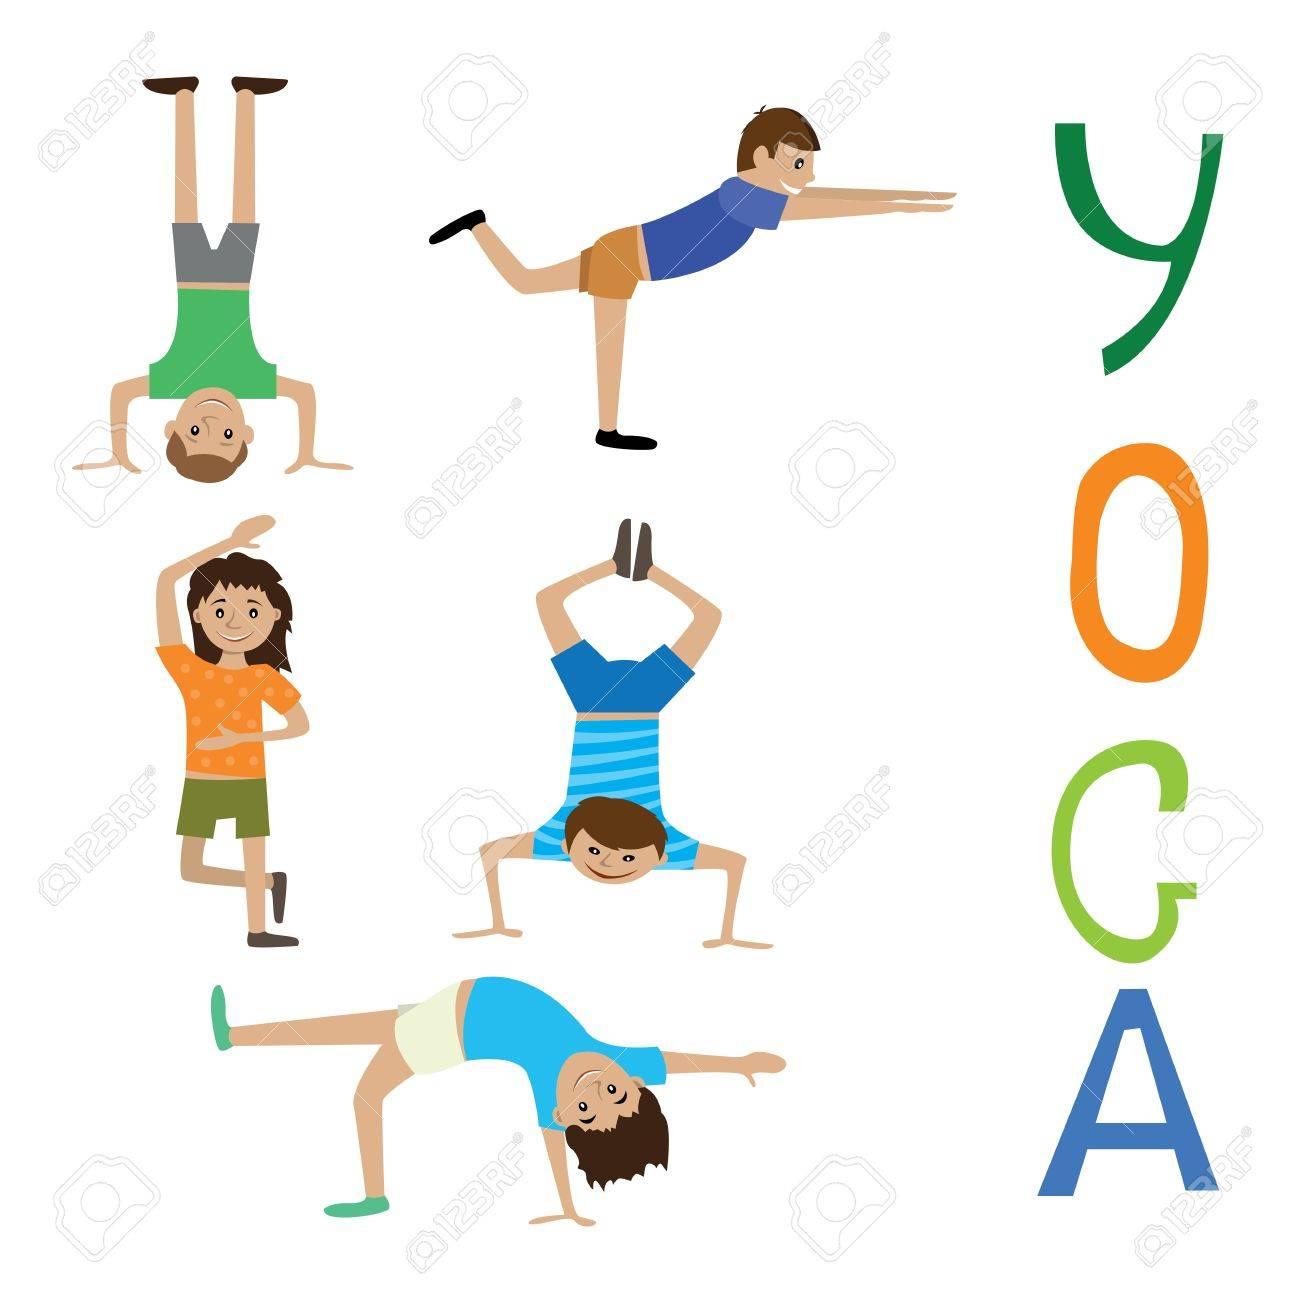 Foto de archivo - Ilustración vectorial de ejercicios de yoga para niños,  juego